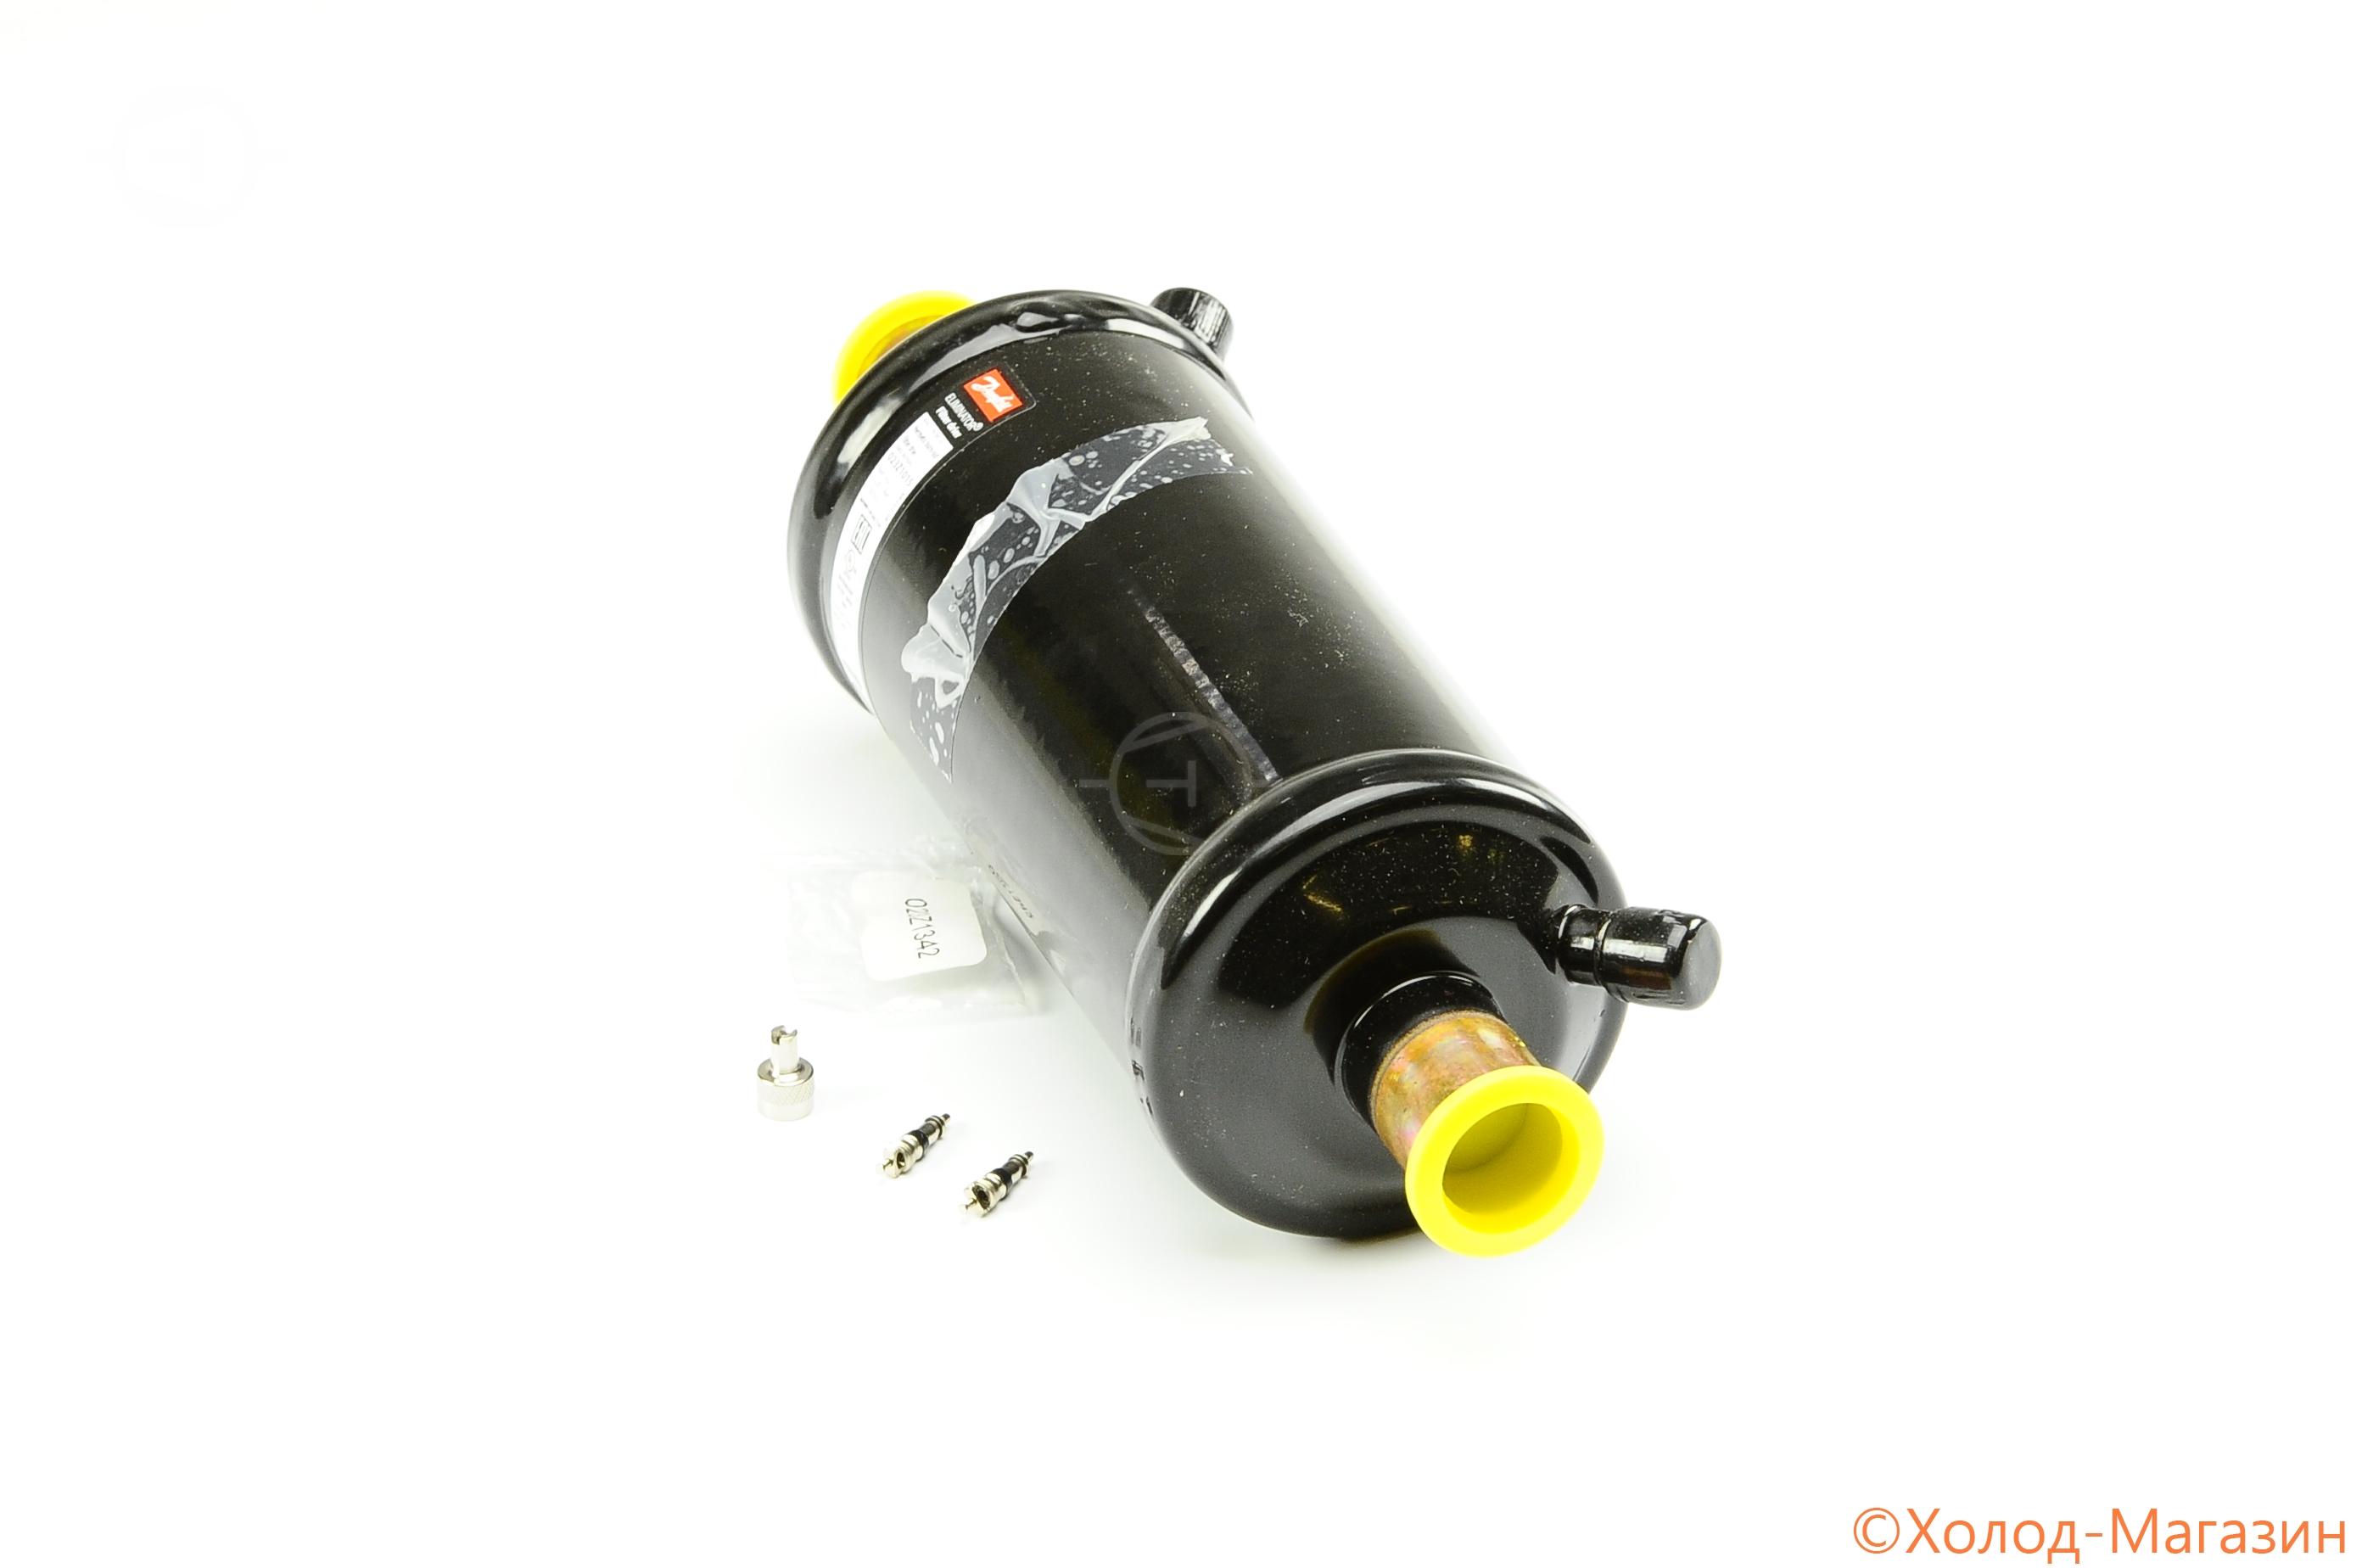 Фильтр антикислотный DAS 307VVs (7/8 - 22 мм), Danfoss